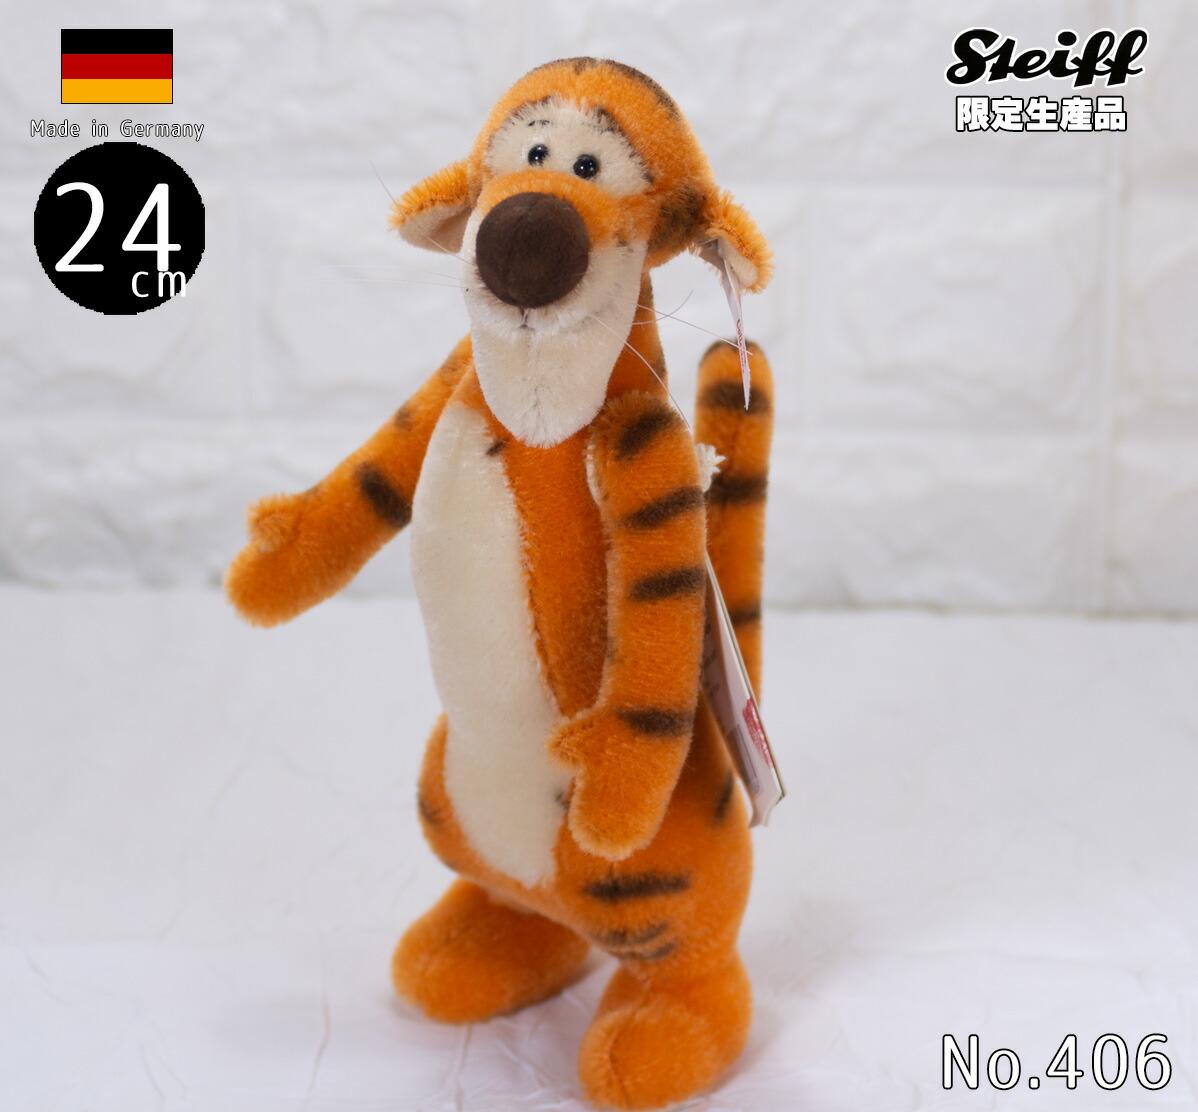 シュタイフ テディベア Steiff アメリカ限定クマのプーさんよりミニチュア ティガー 22cm Disney miniature Tigger